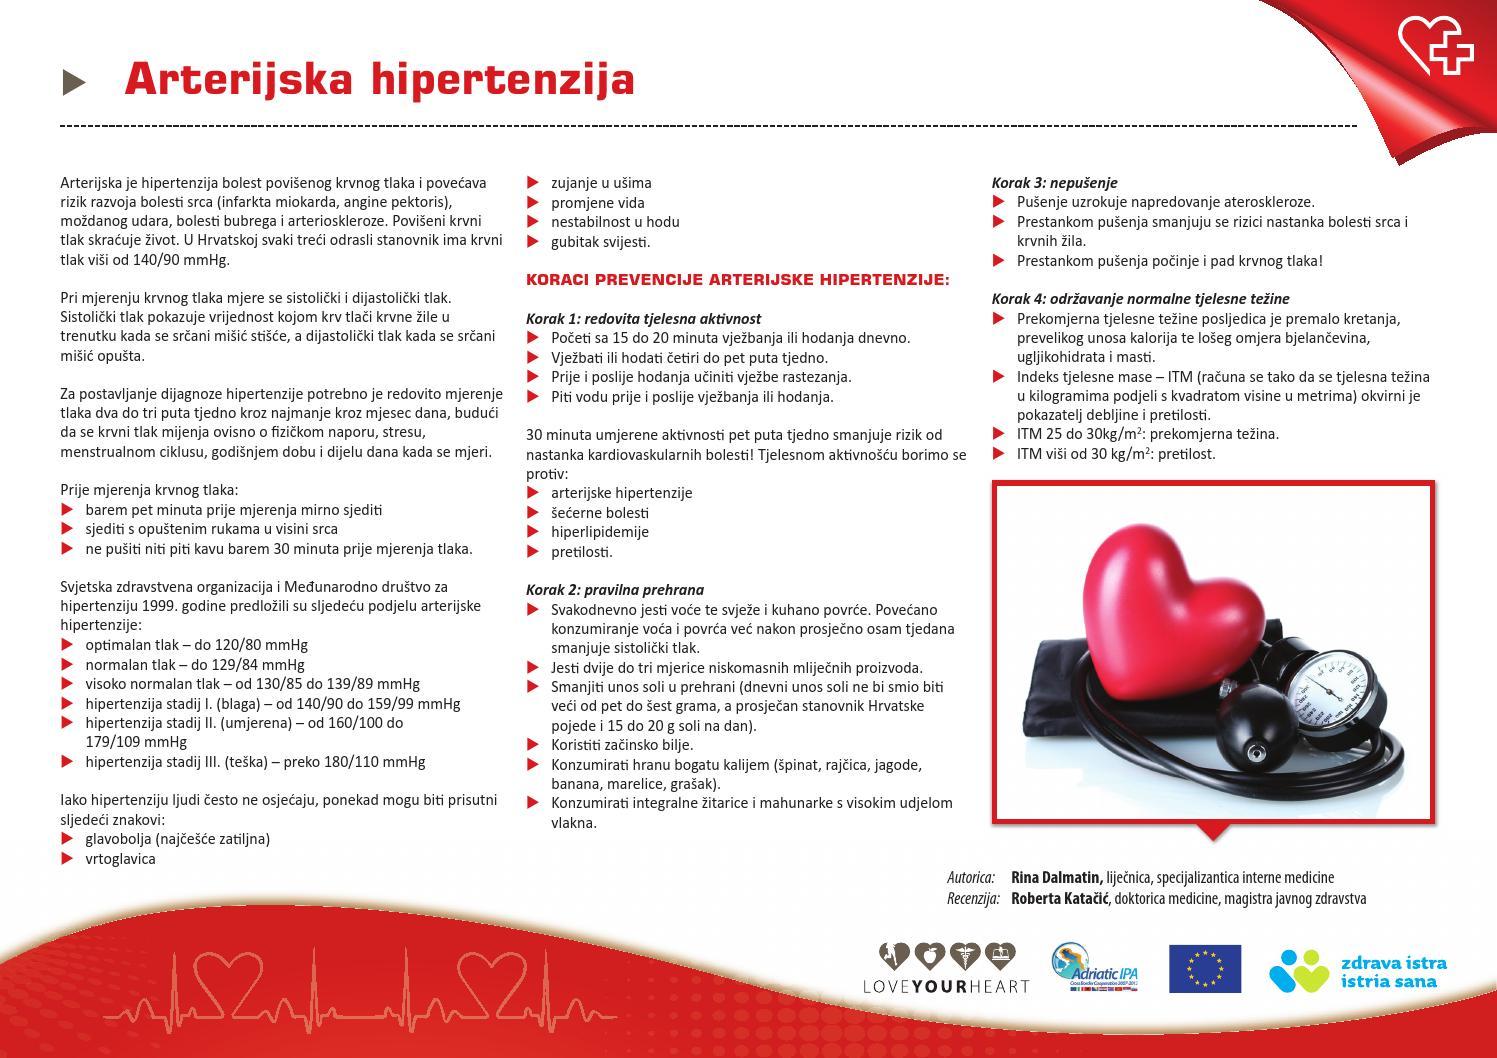 srčani udar u 80 godina prognoza pravo dati ako hipertenzije